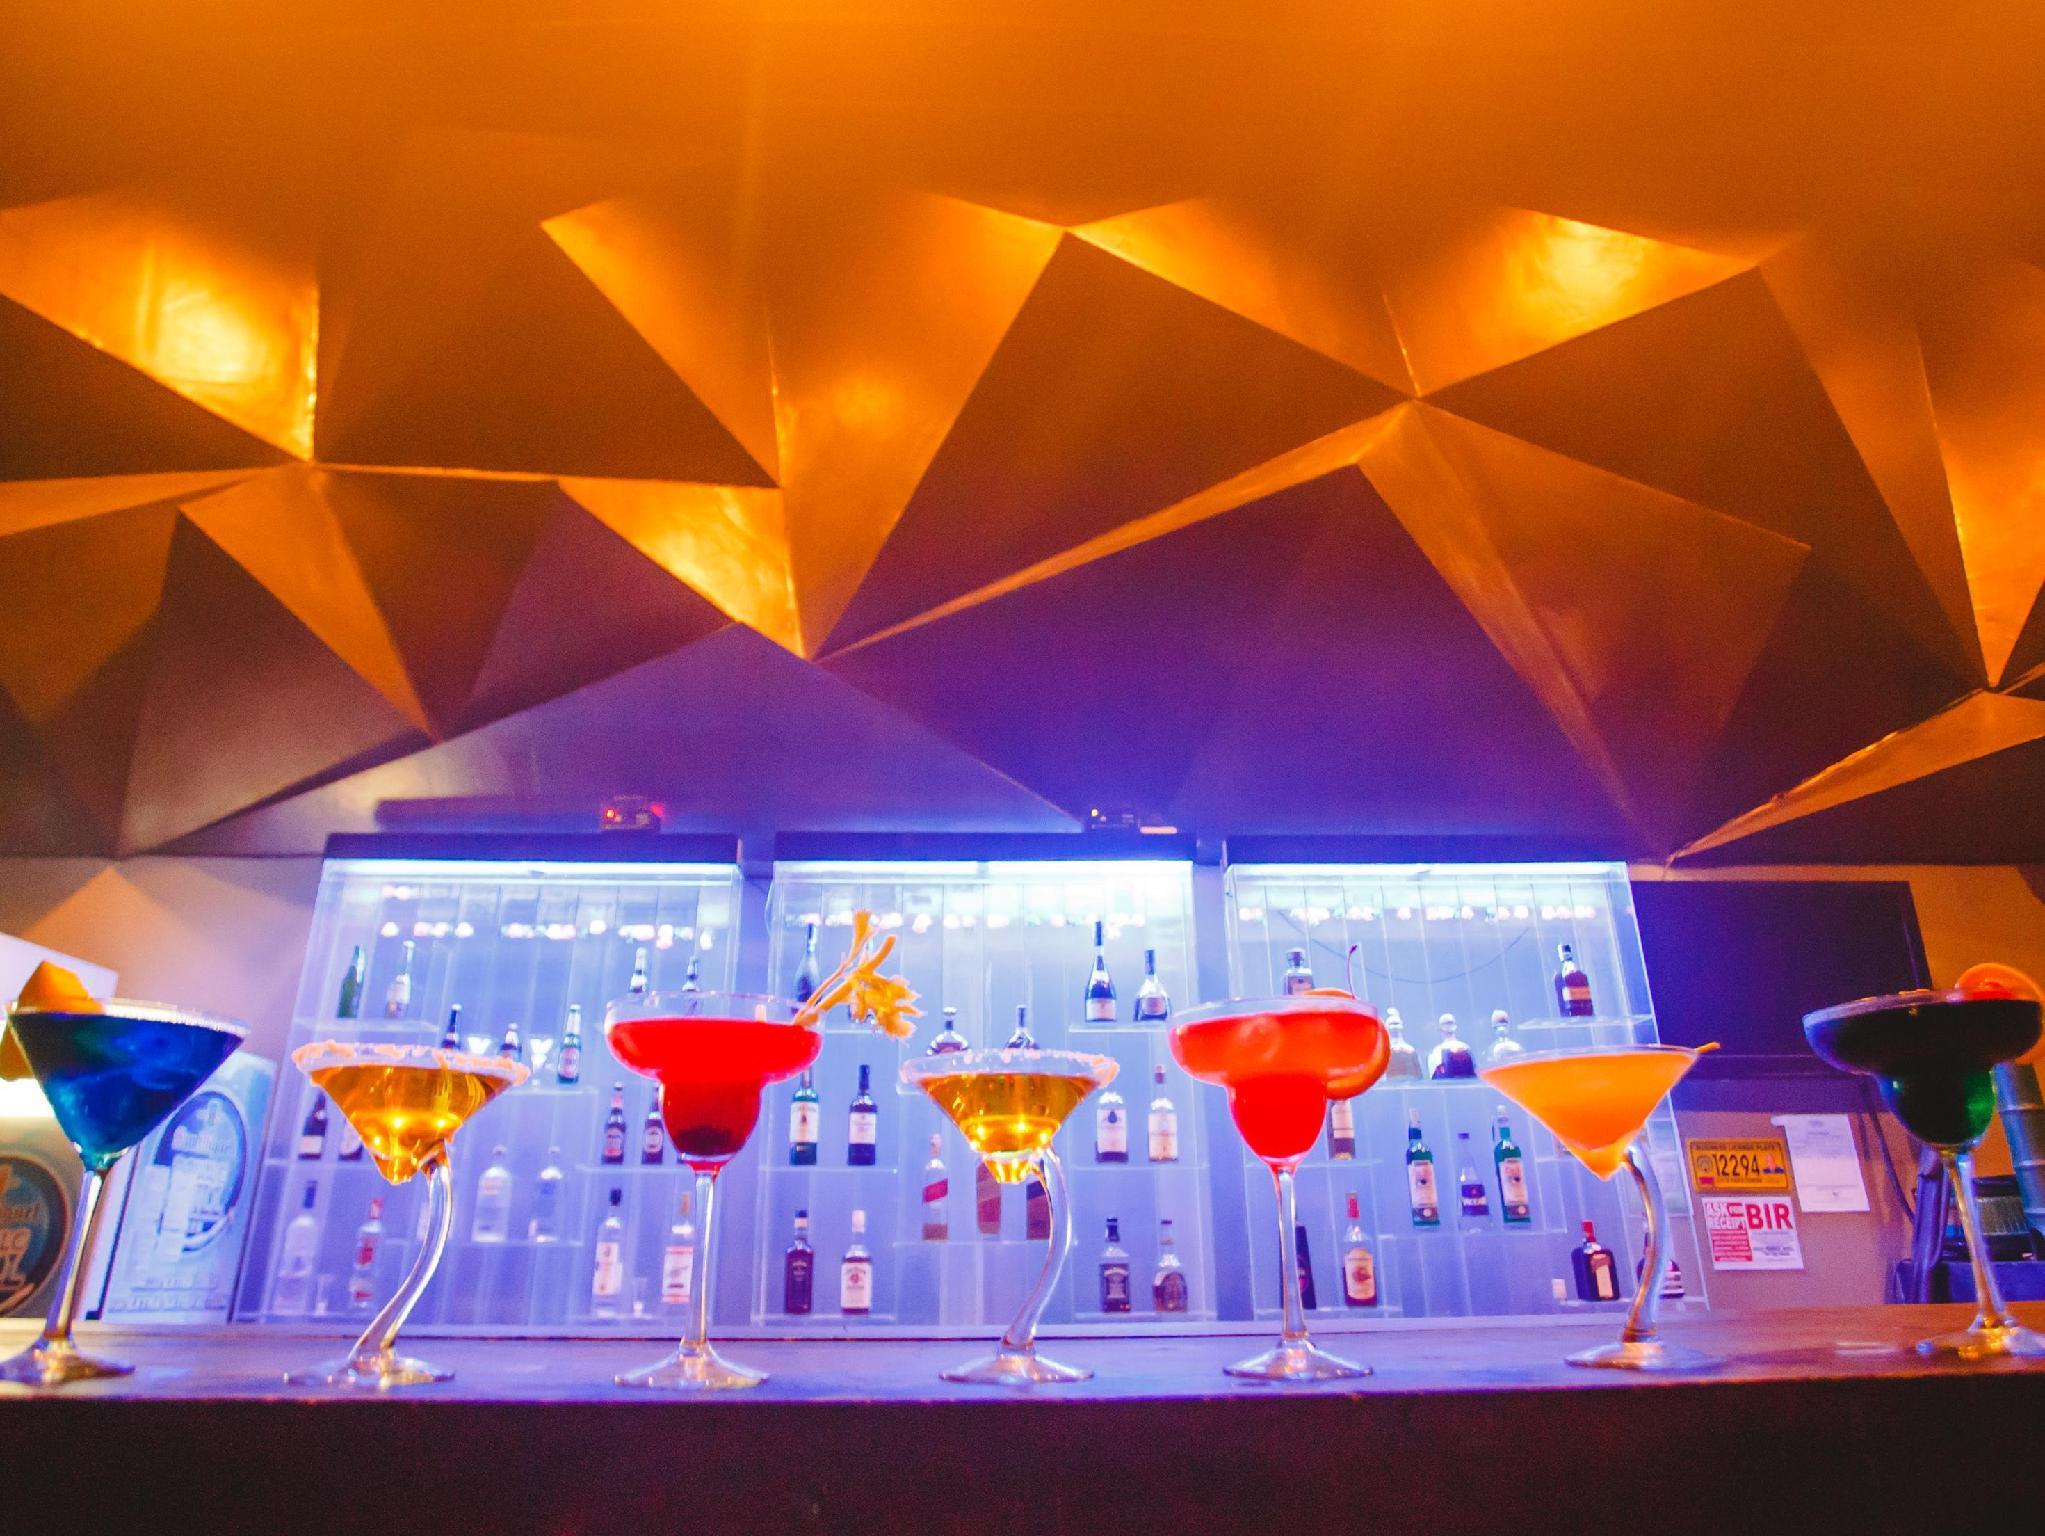 Aziza Paradise Hotel - Bar/lounge - photo added 1 year ago